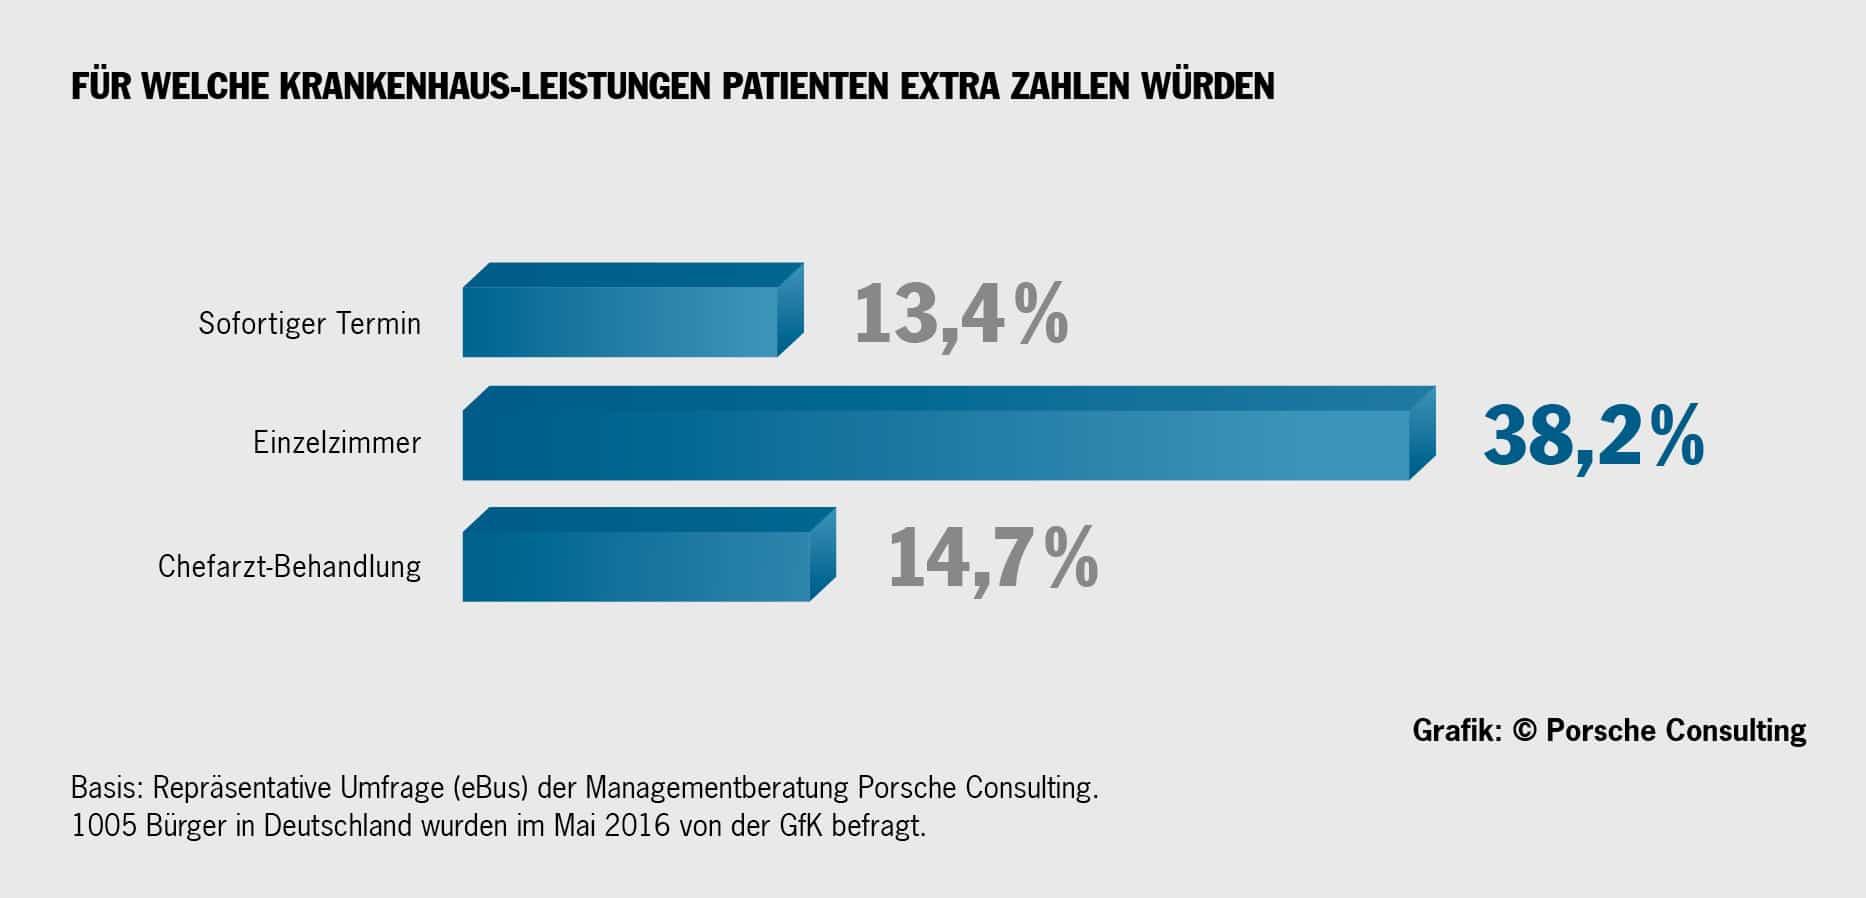 Umfrage von Porsche Consulting: Für welche Krankenhaus-Leistungen Patienten extra zahlen würden copyright: obs / Porsche Consulting GmbH